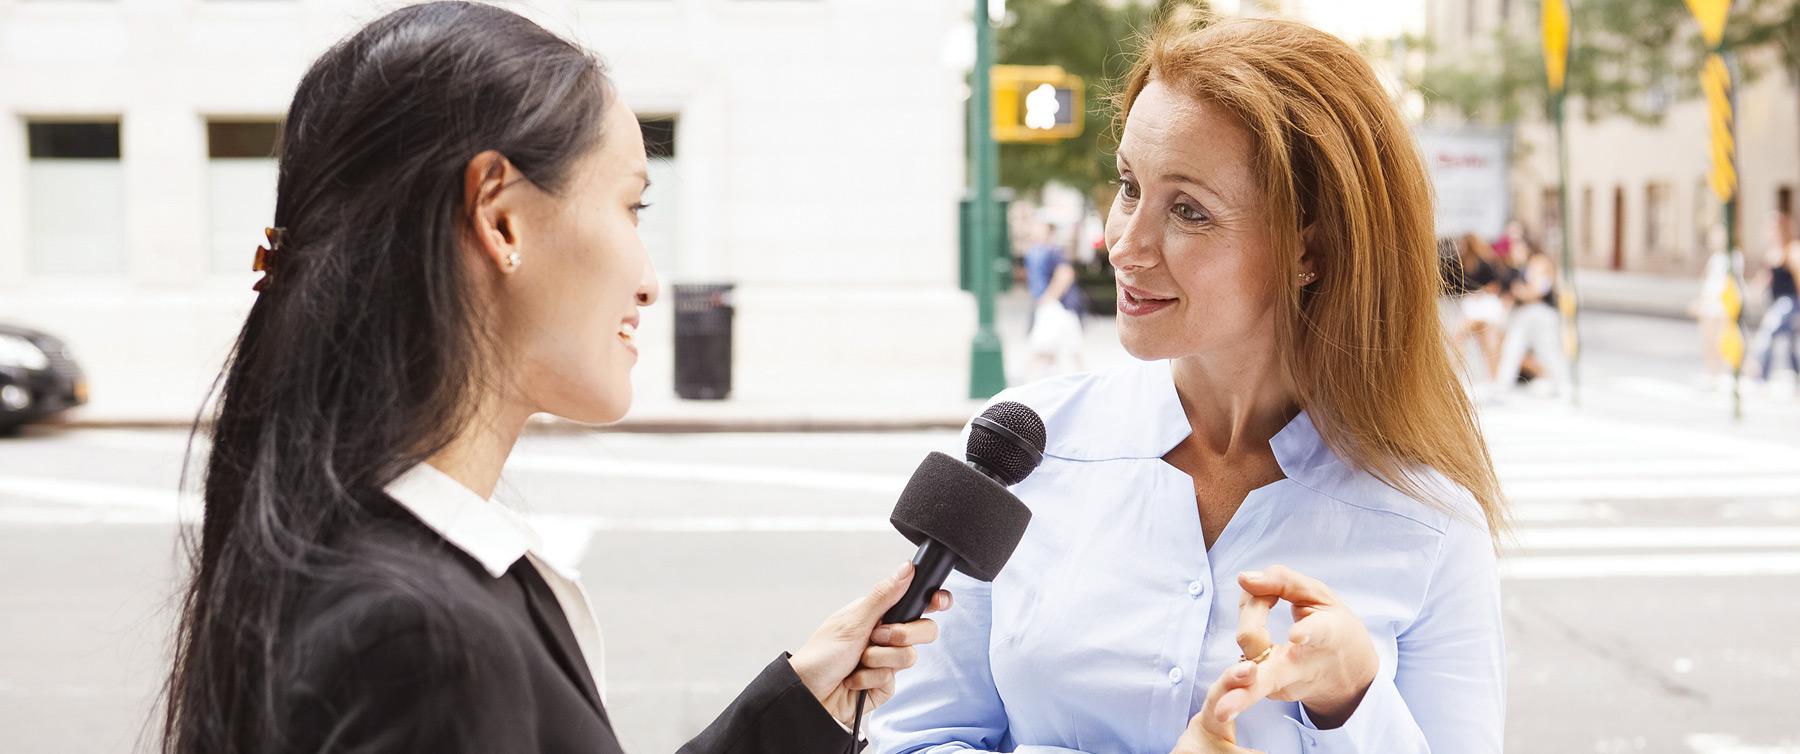 Priročnik o odgovornem poročanju o alkoholu v medijih